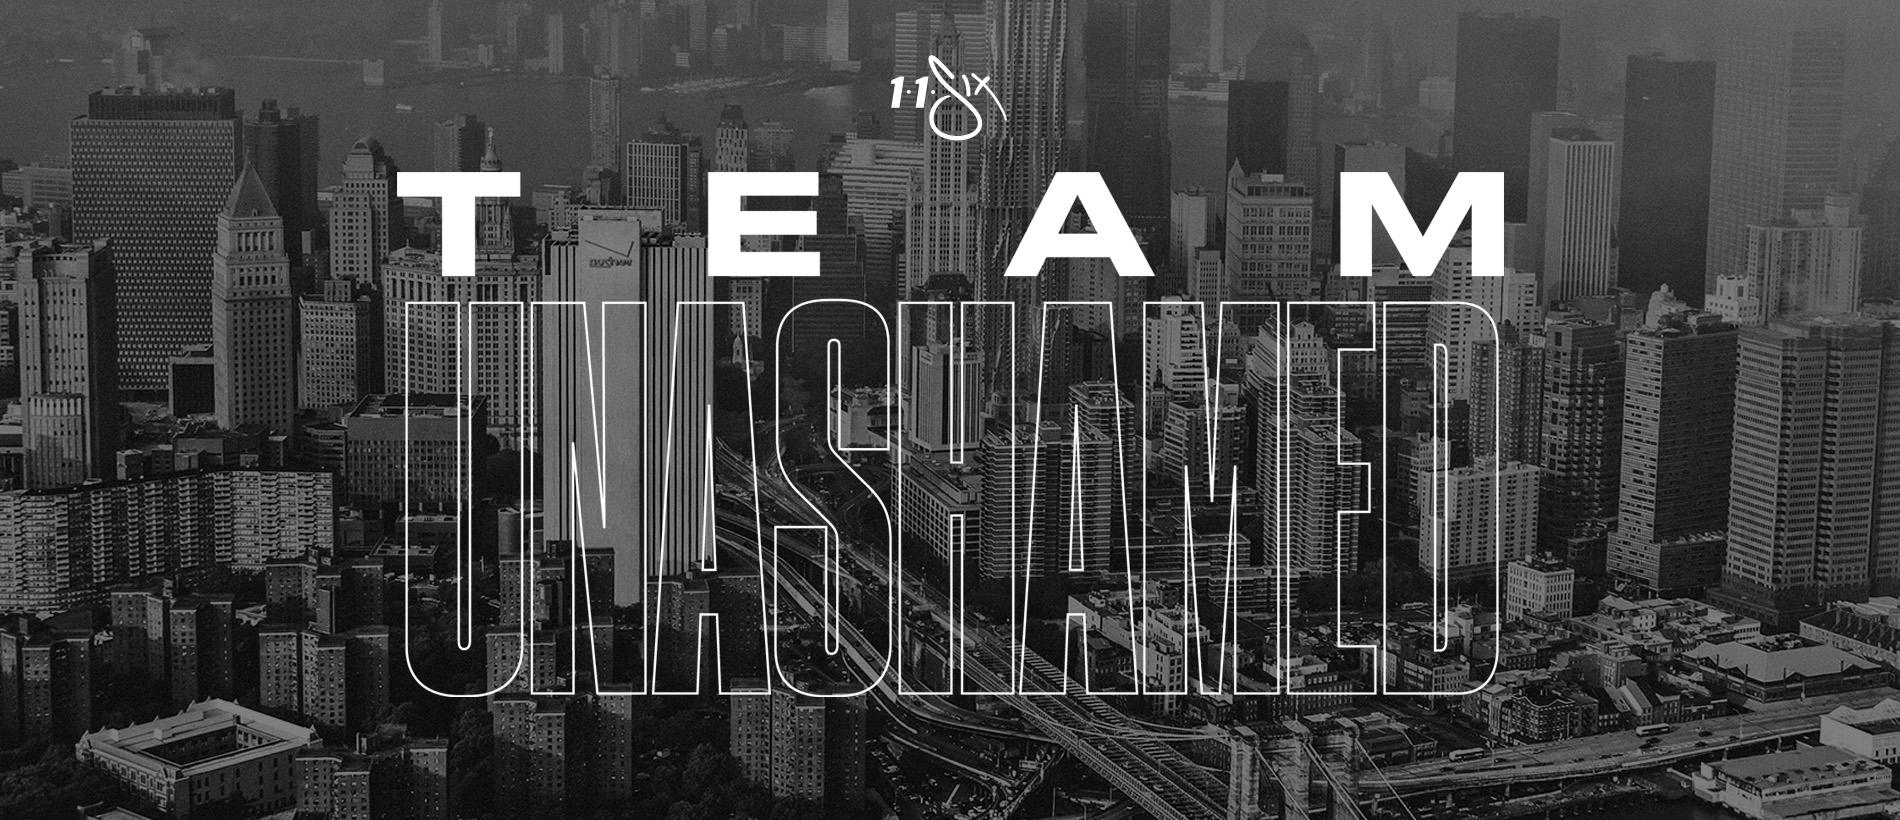 Join Team Unashamed!